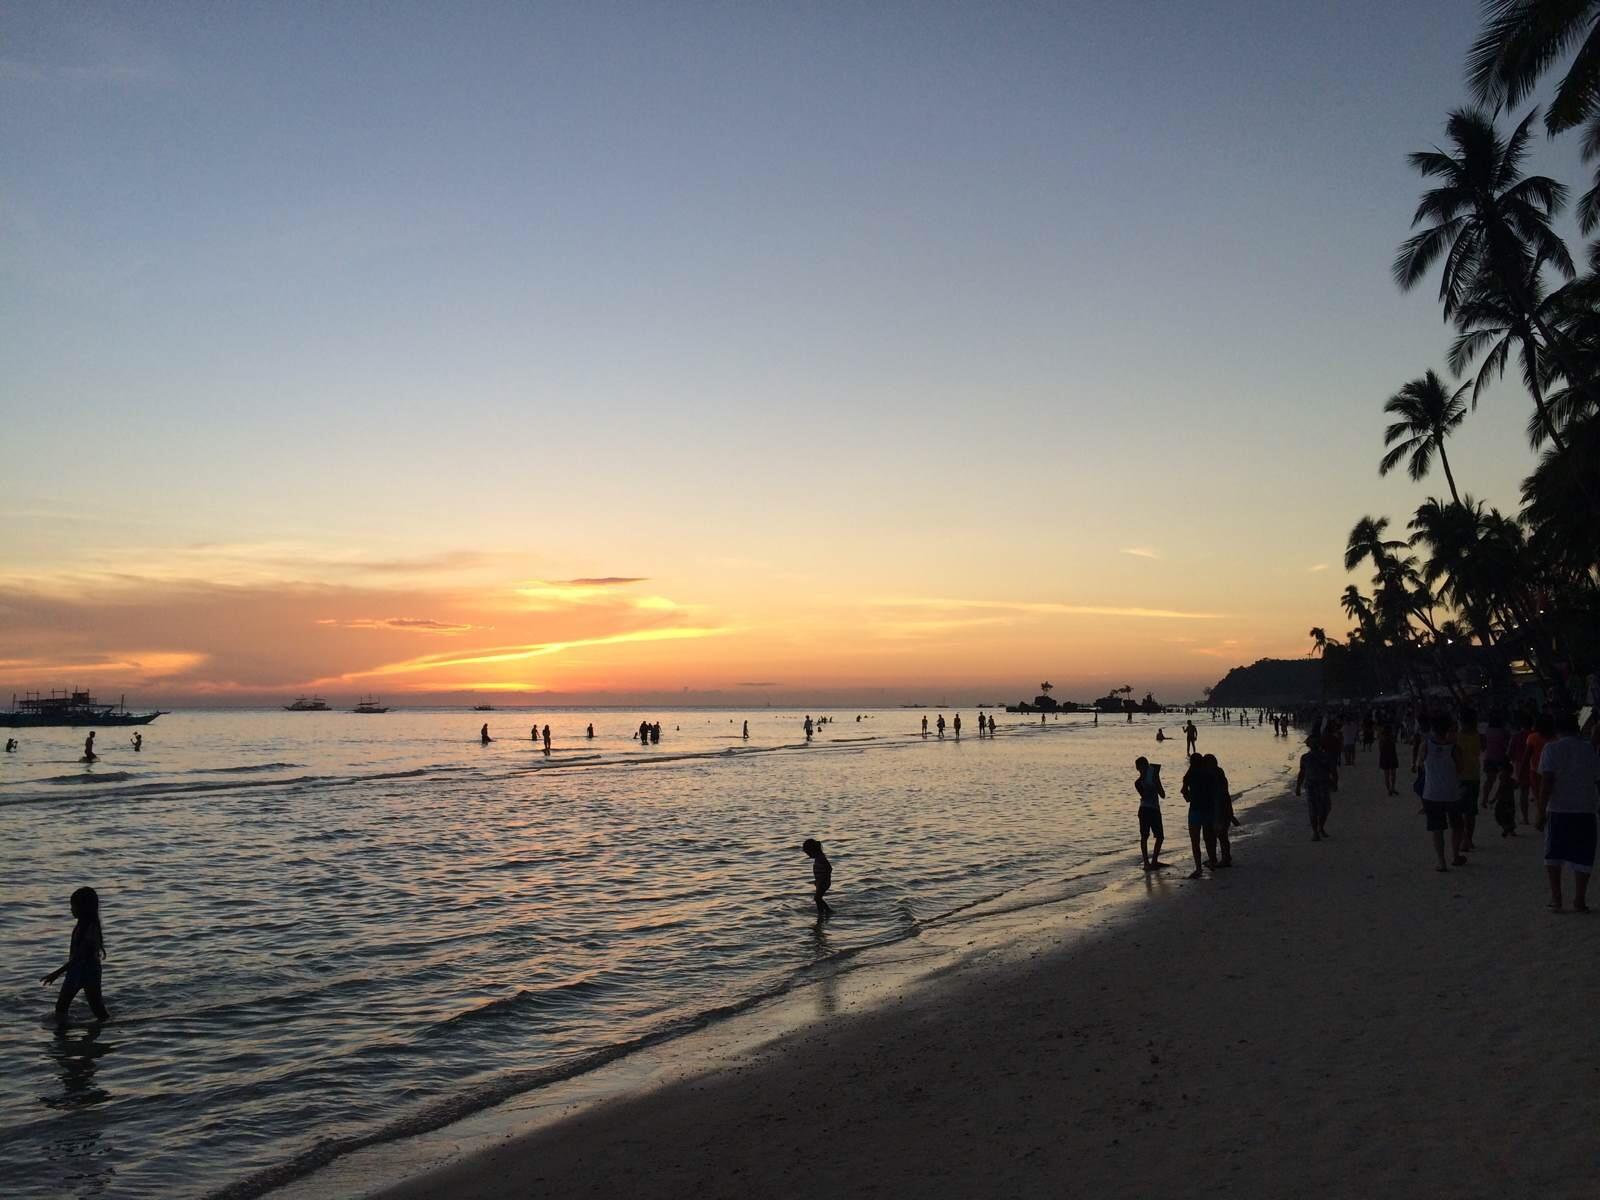 长滩岛4晚6日游(5J或PR直飞,含接送,海边酒店天堂花园或同级 赠送沙滩岛览)